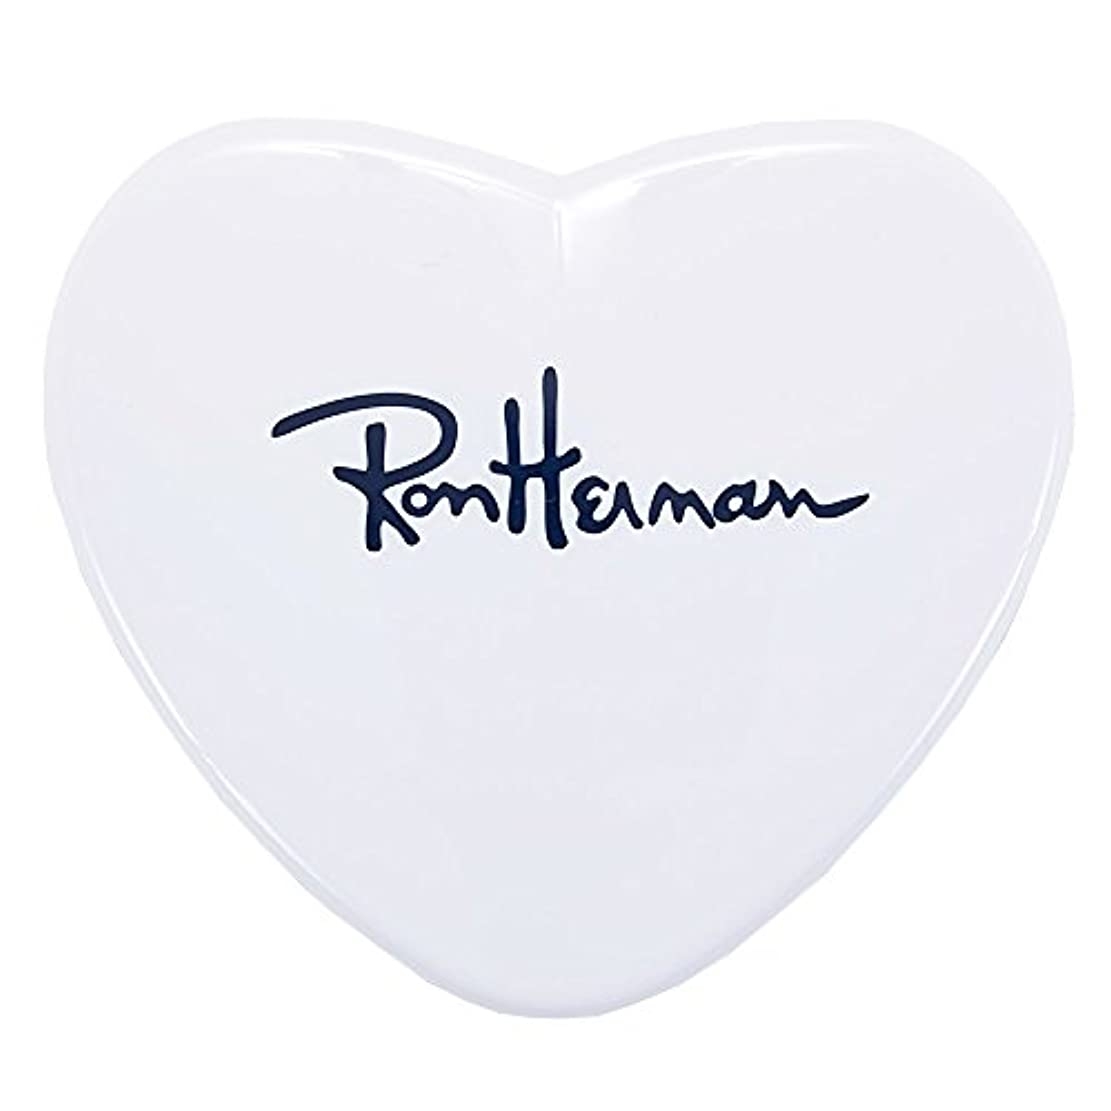 不快な瞬時にスクラッチロンハーマン Ron Herman RH ミラー 鏡 手鏡 ハート型ミラー HEART MILLER